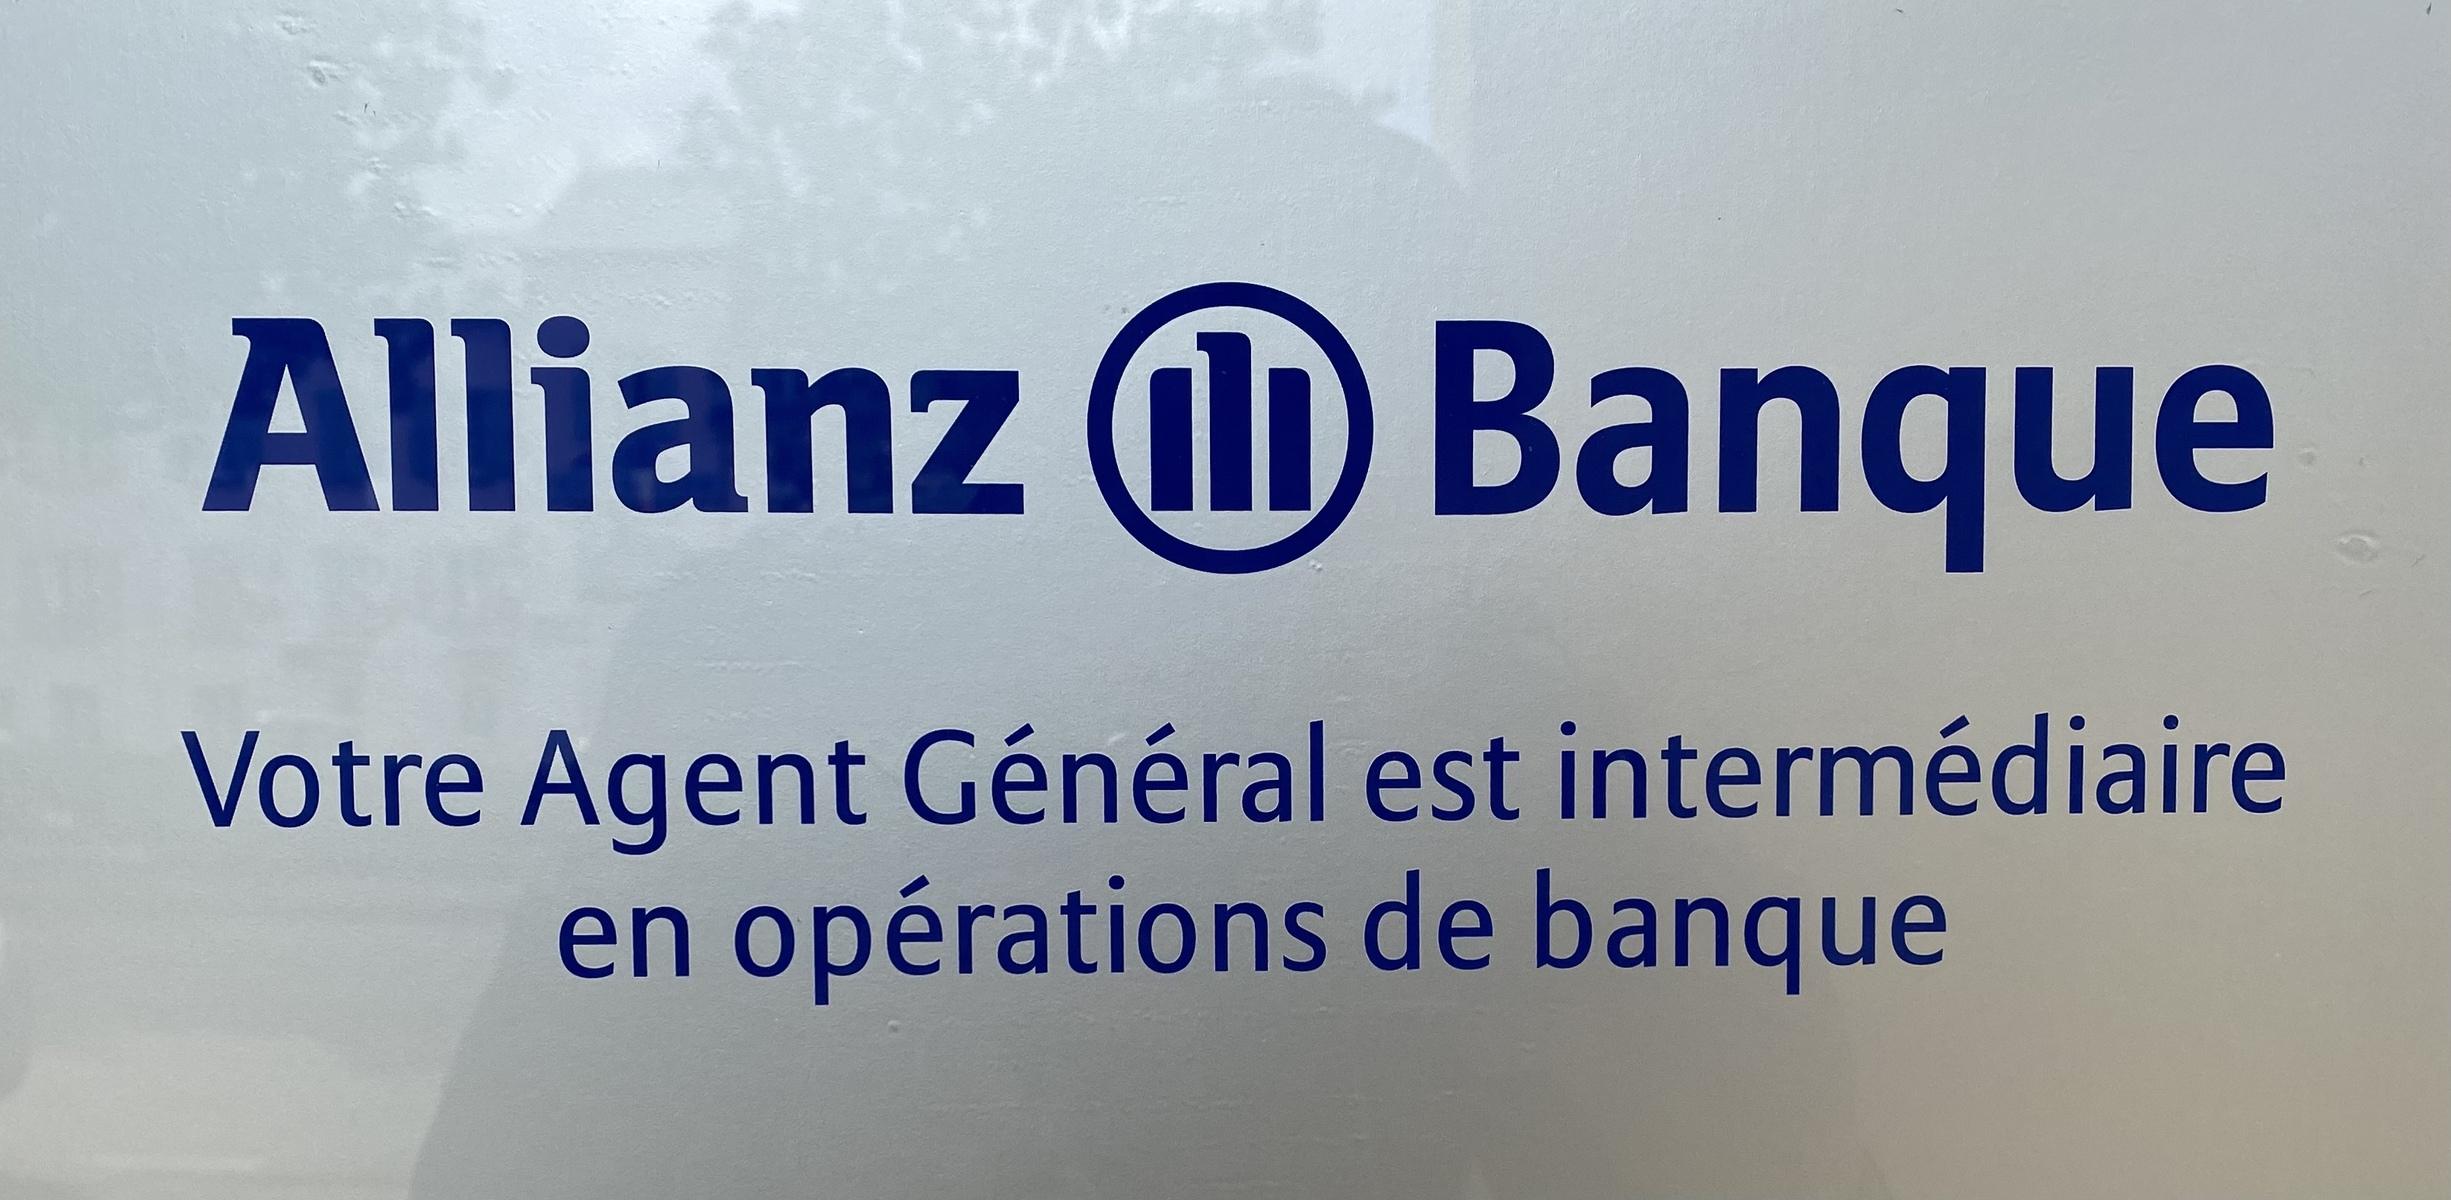 Votre Agent général est aussi intermédiaire en opérations de banque et de services et placements financiers